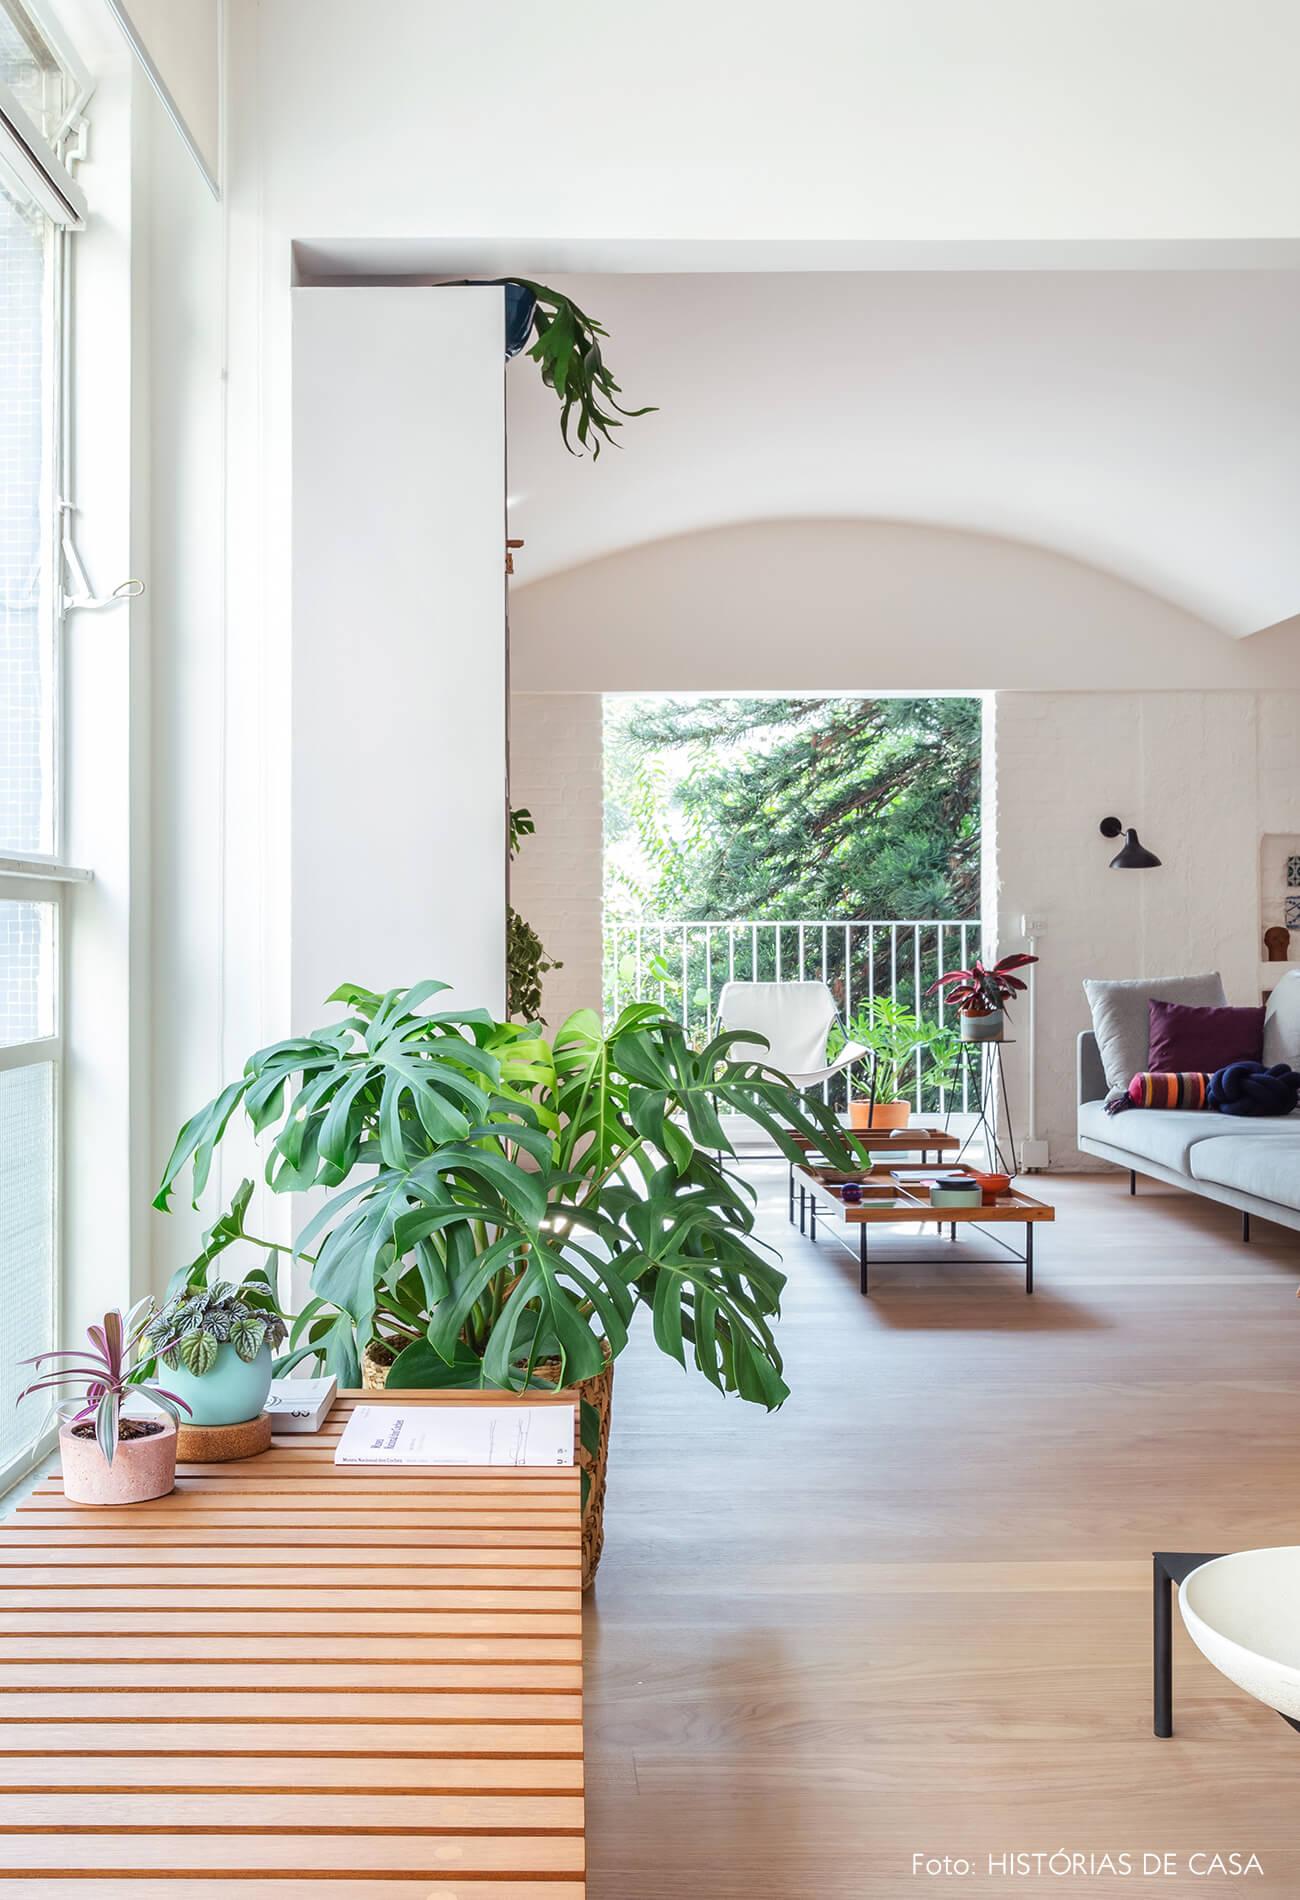 06-decoracao-apartamento-plantas-costela-de-adao-banco-de-madeira